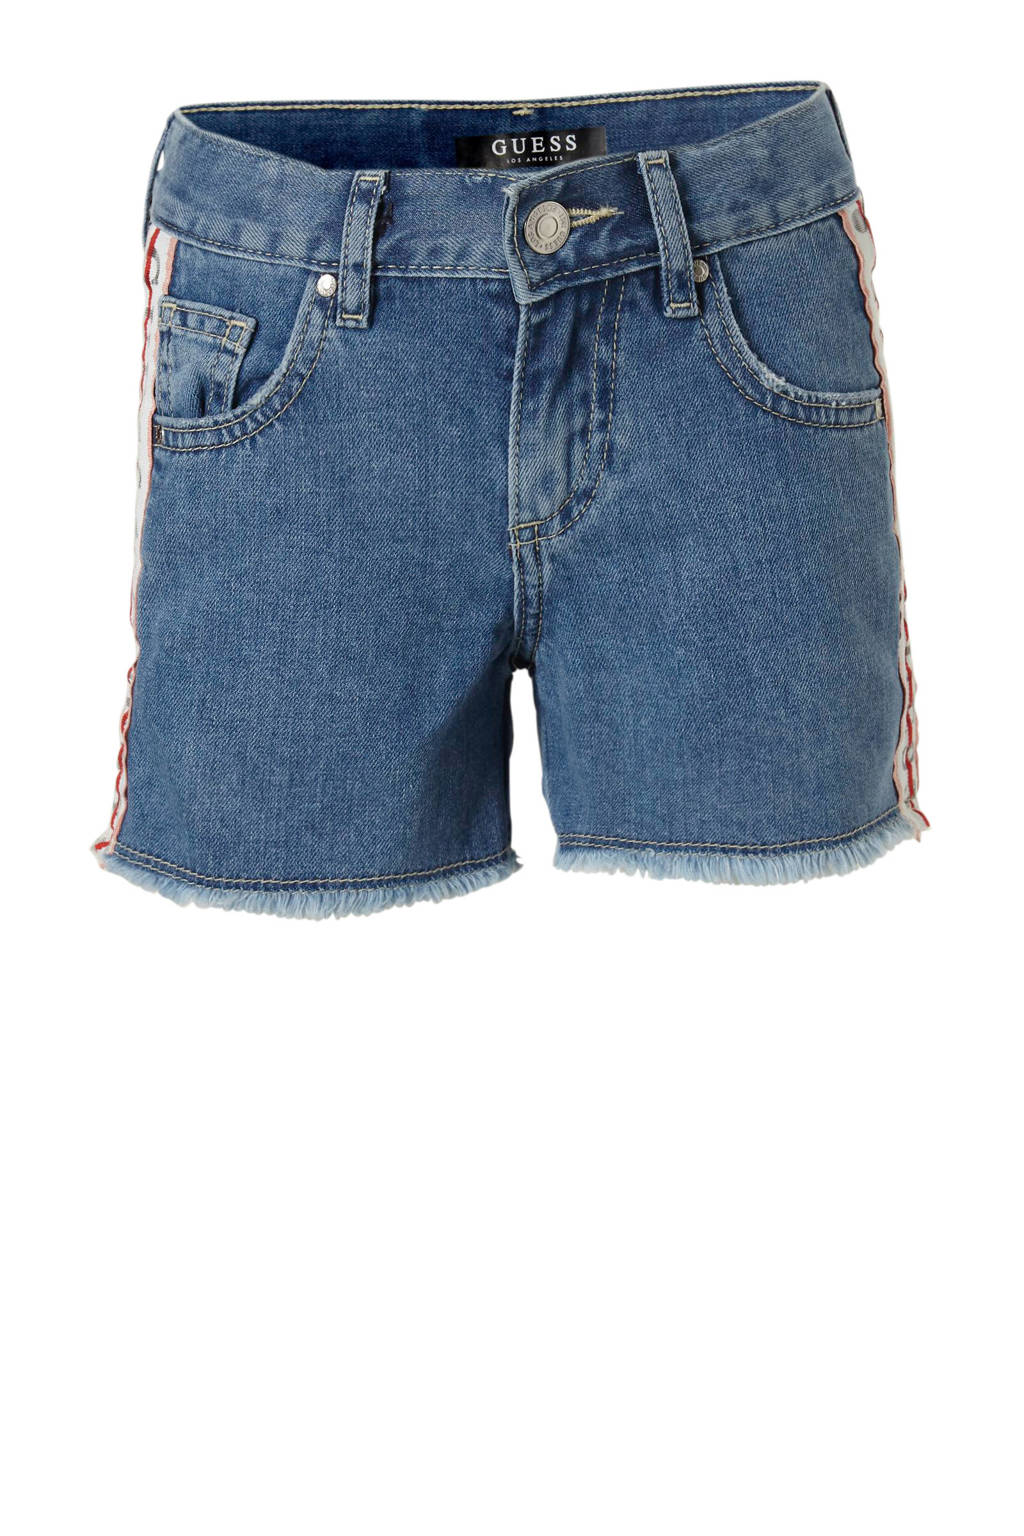 GUESS jeans short met zijstreep, Dark denim